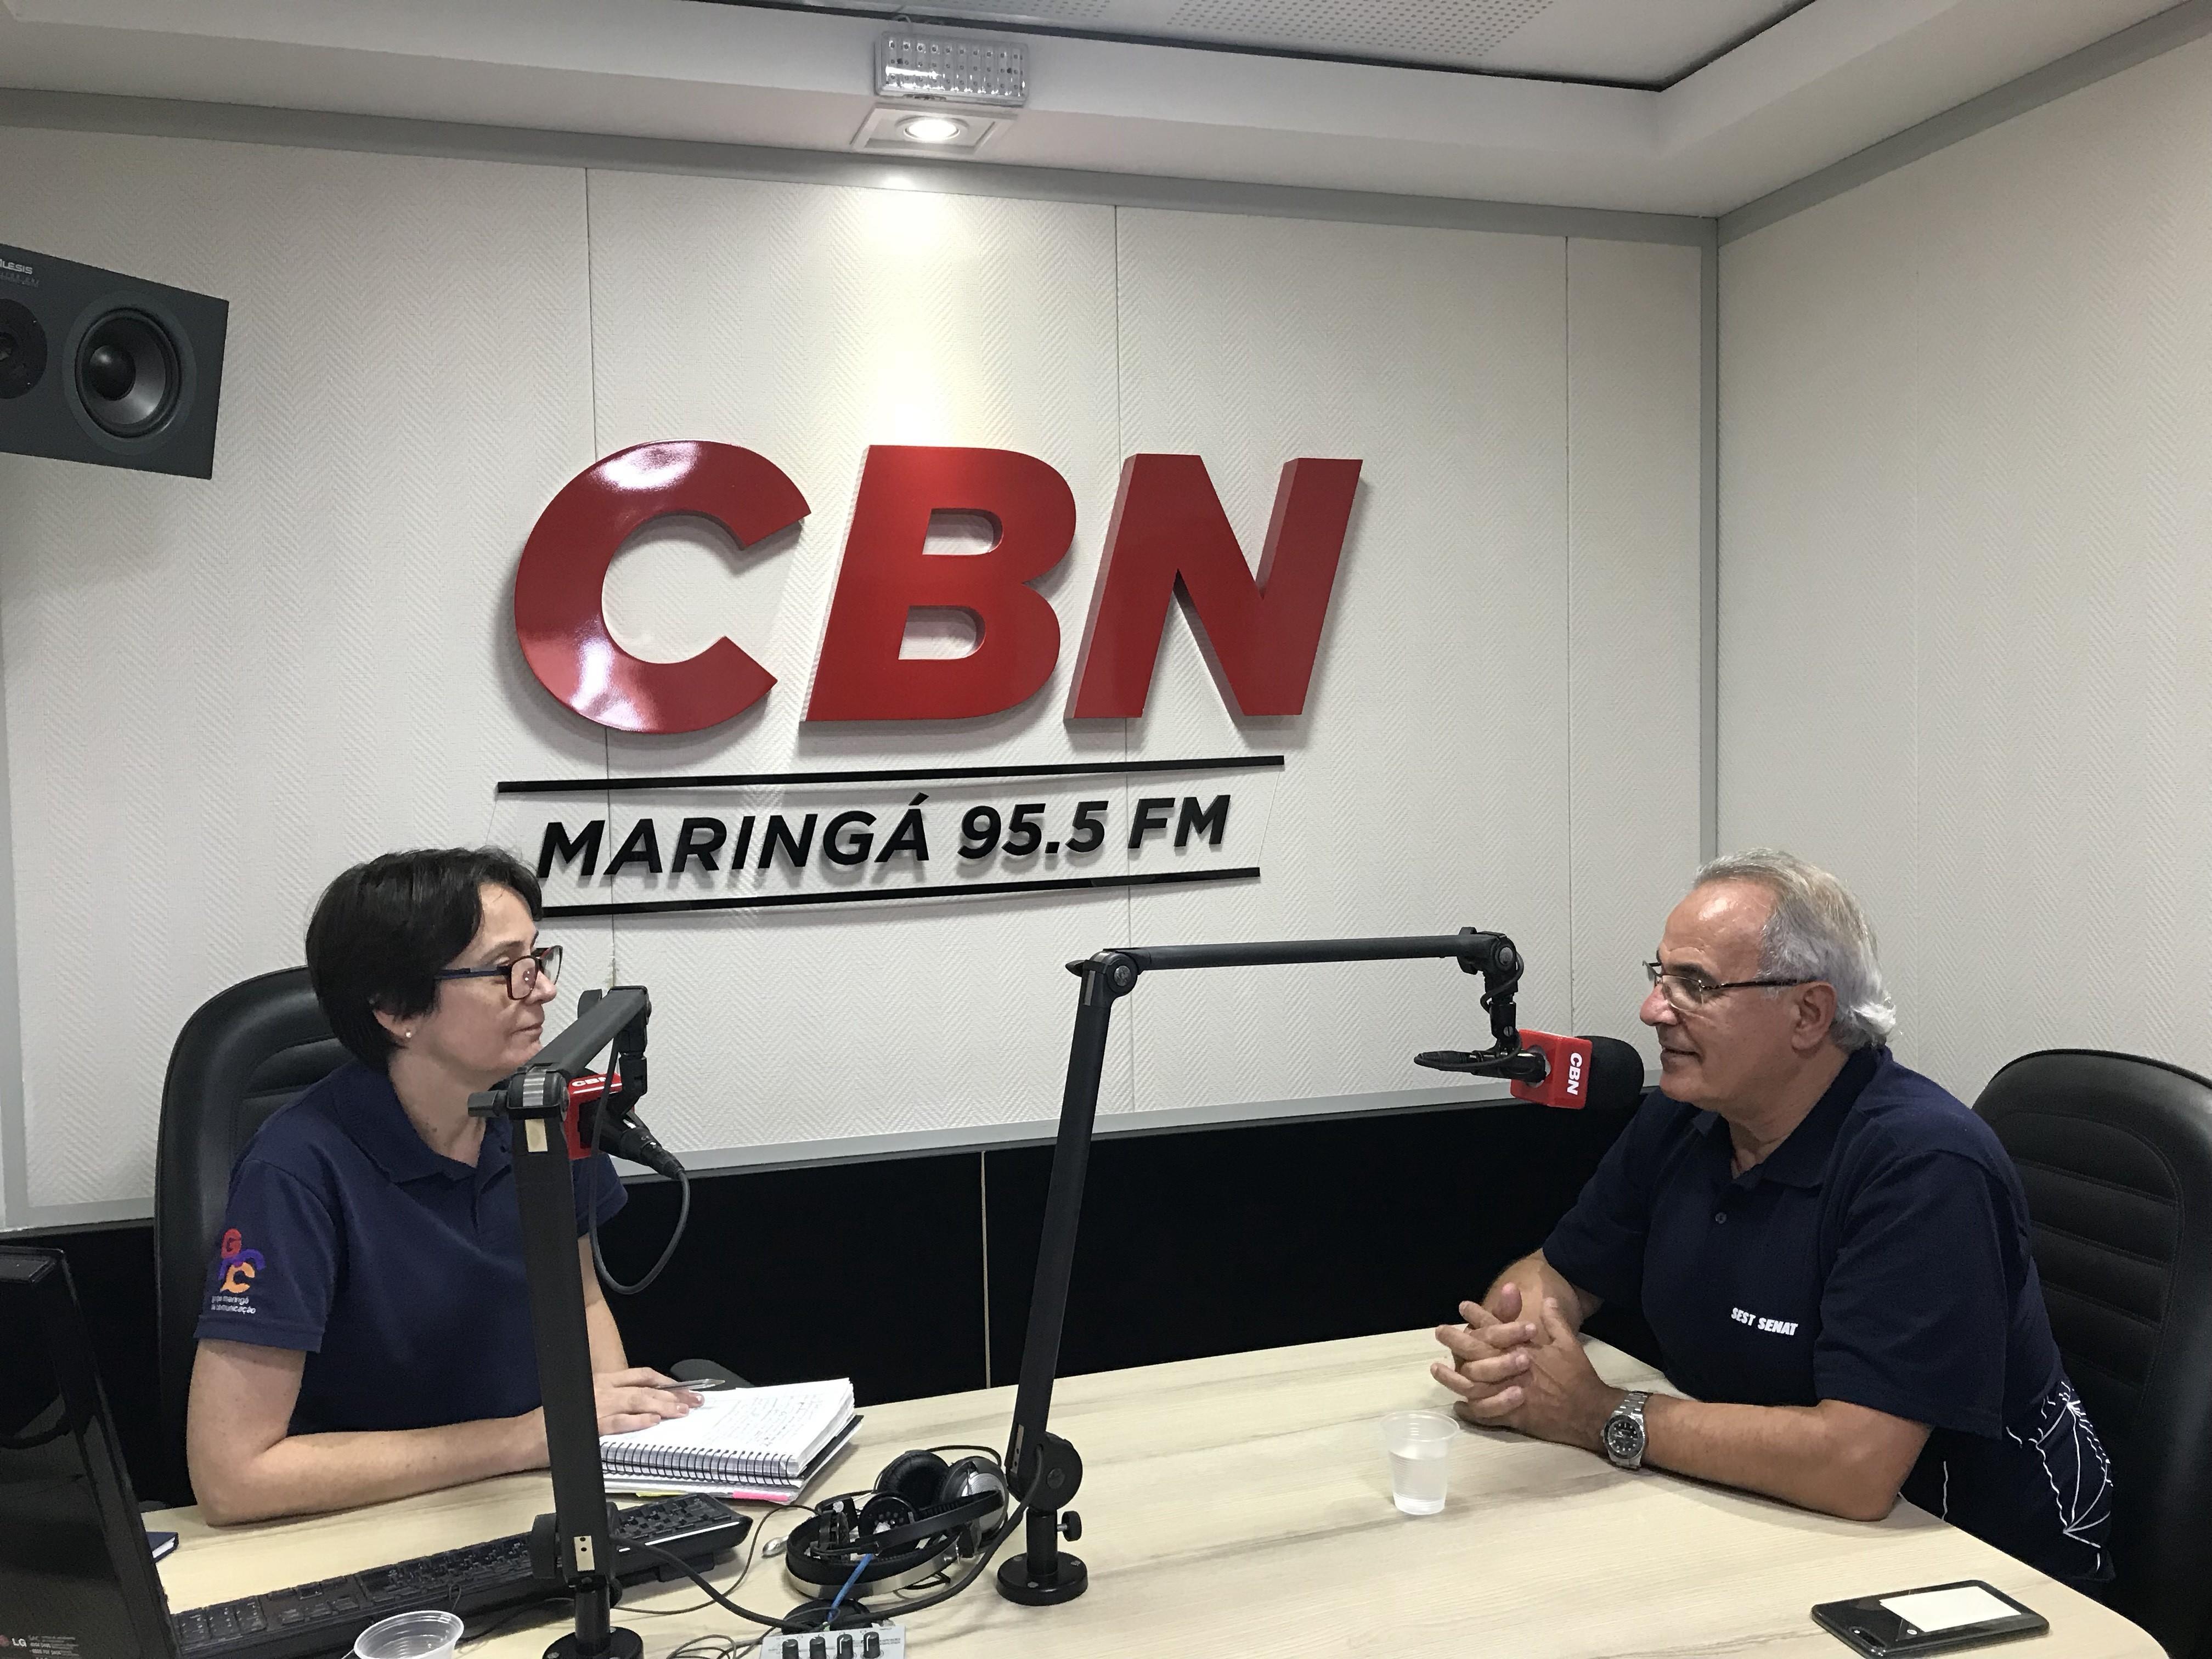 Obras da nova sede em Maringá começaram nesta segunda-feira (19)